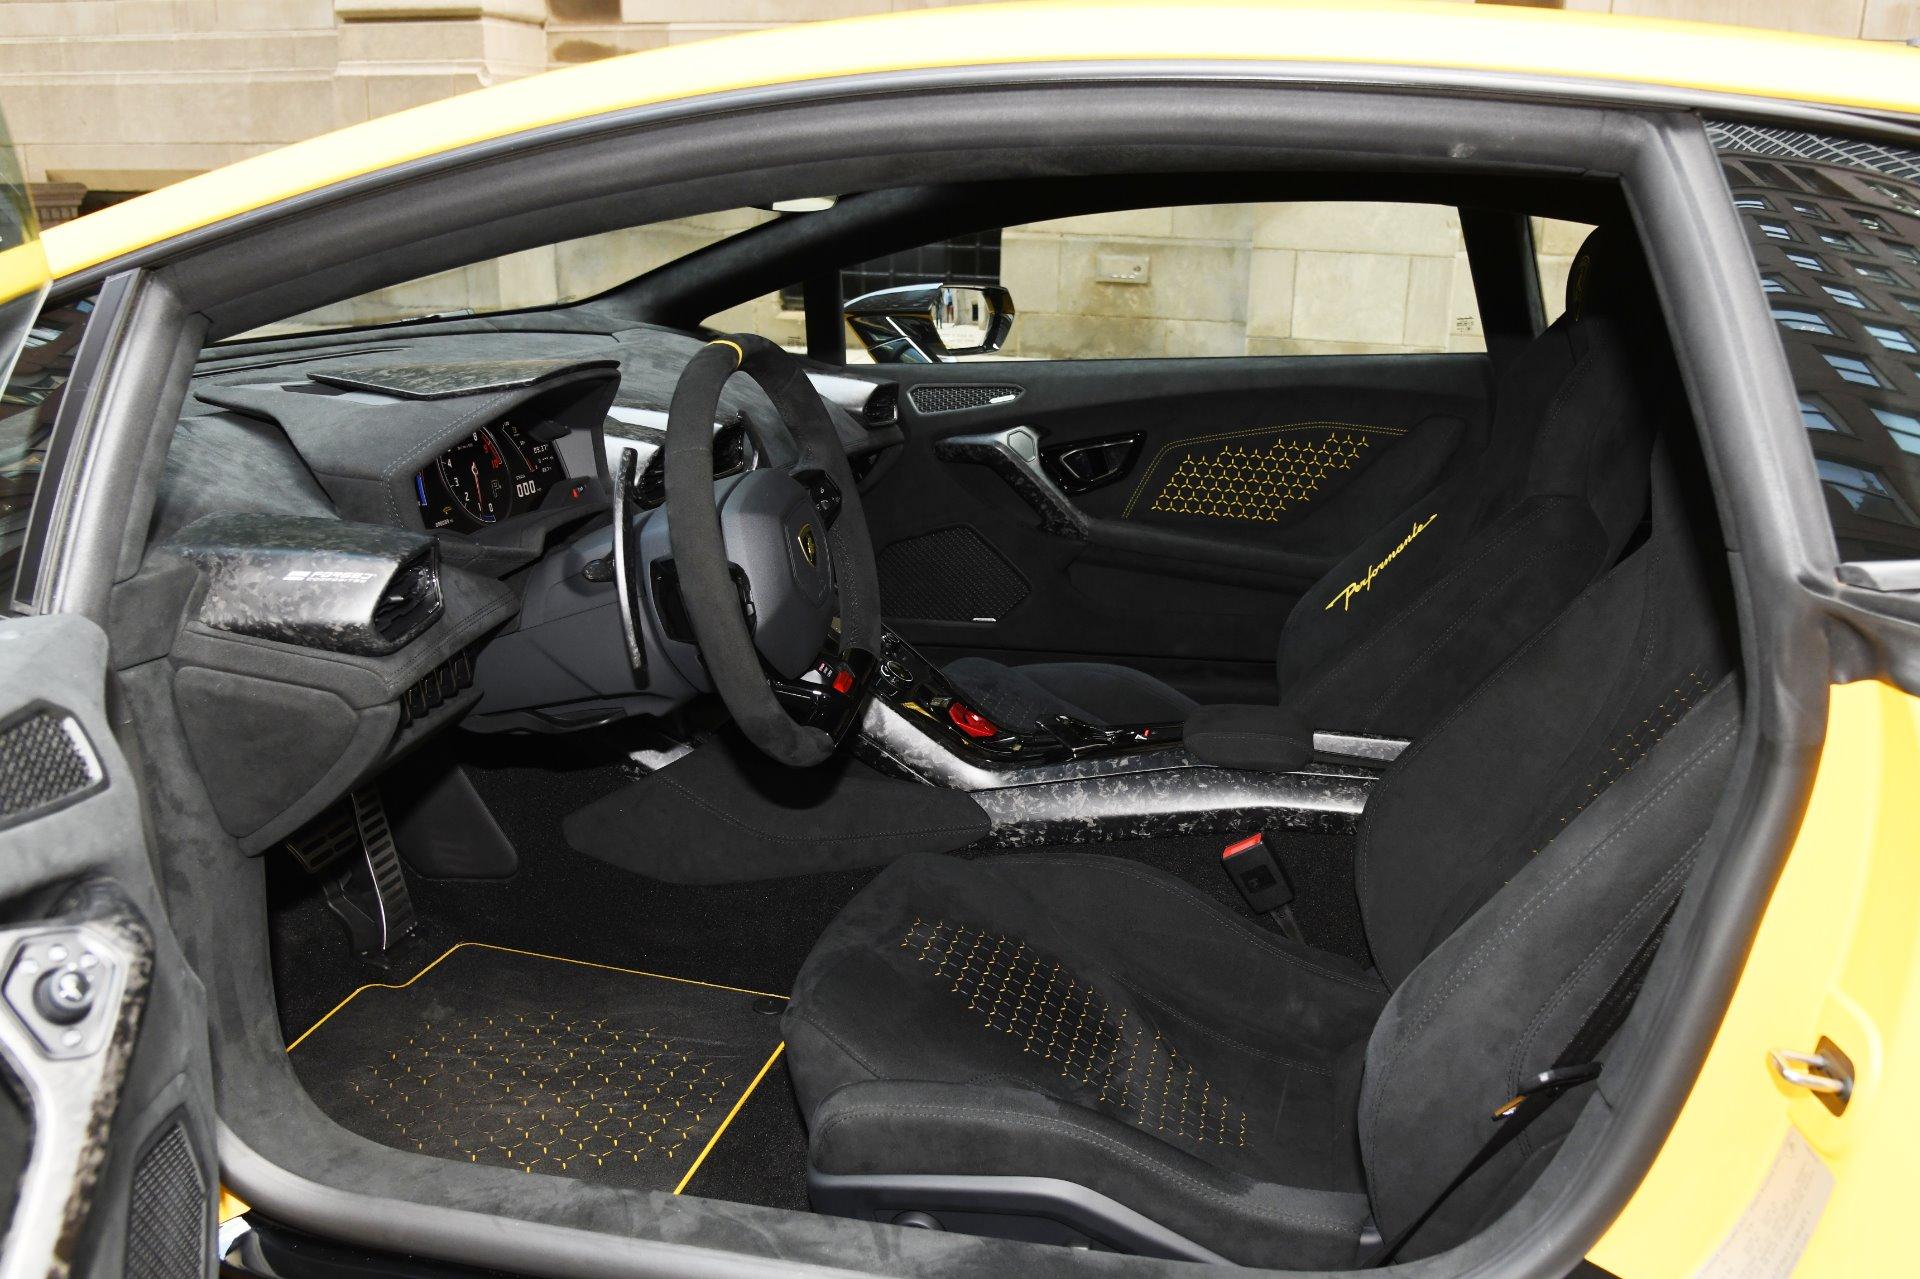 New 2019 Lamborghini Huracan Performante LP 640-4 Performante | Chicago, IL